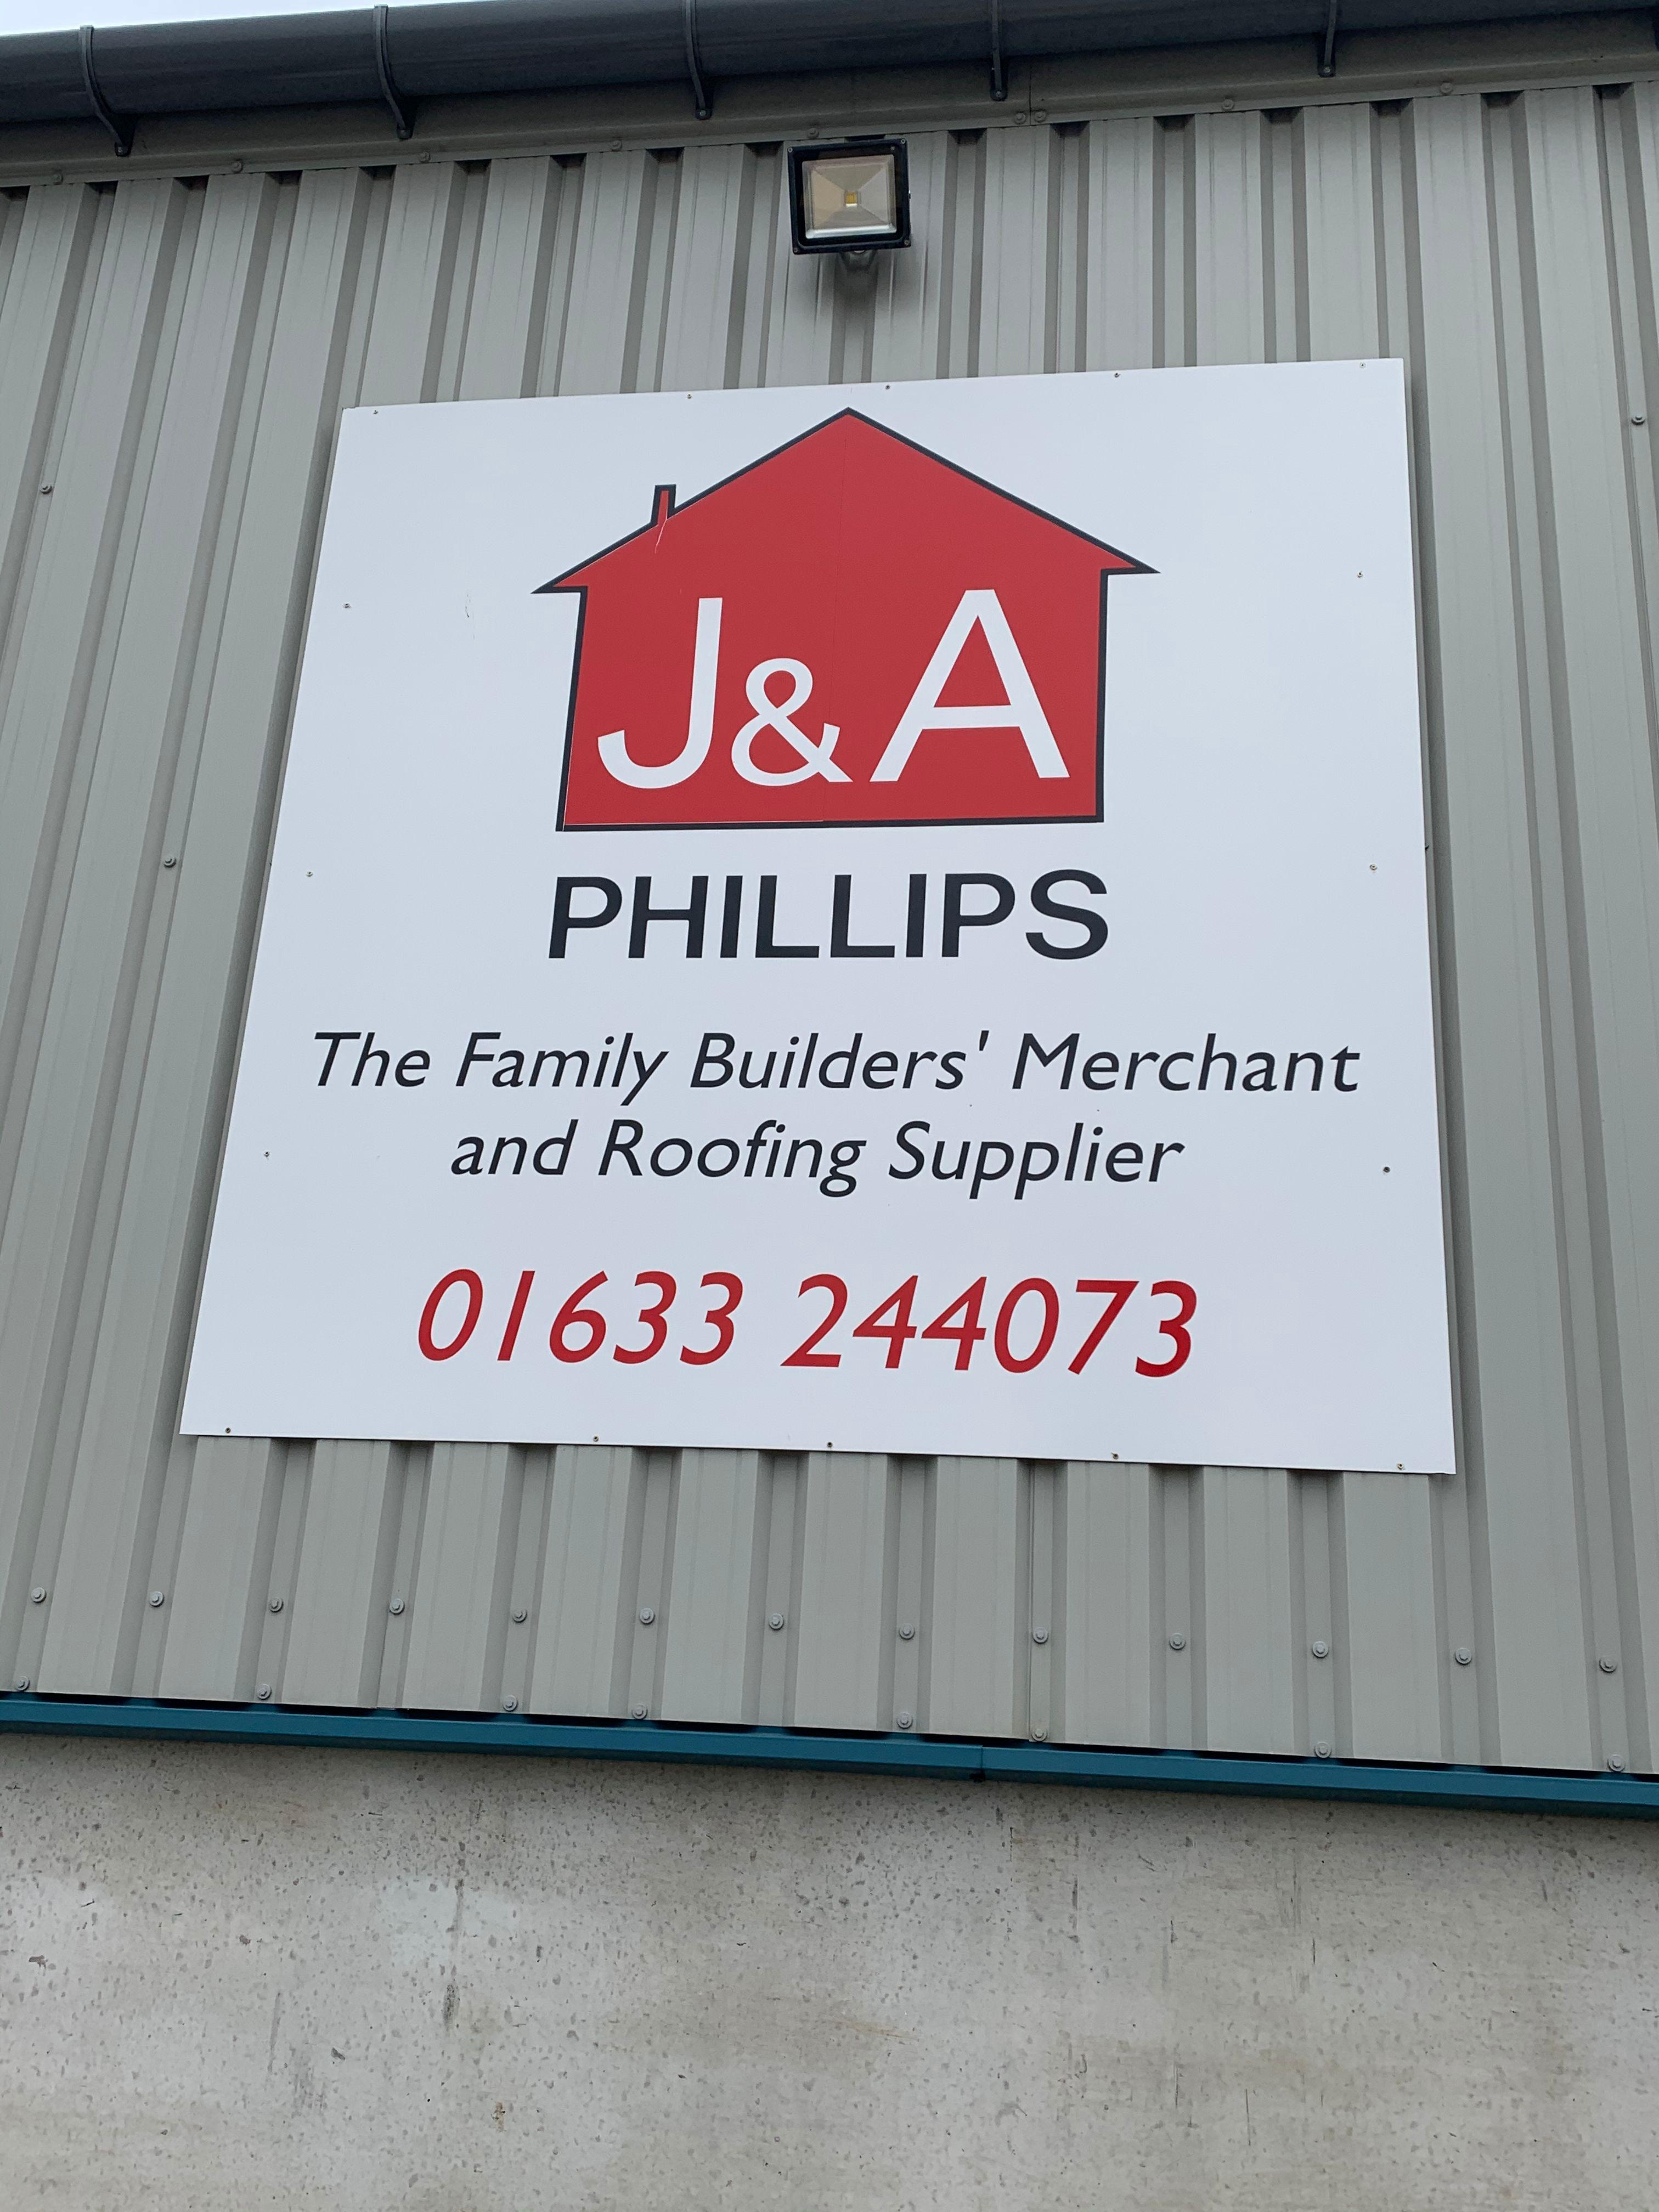 J & A Phillips Ltd